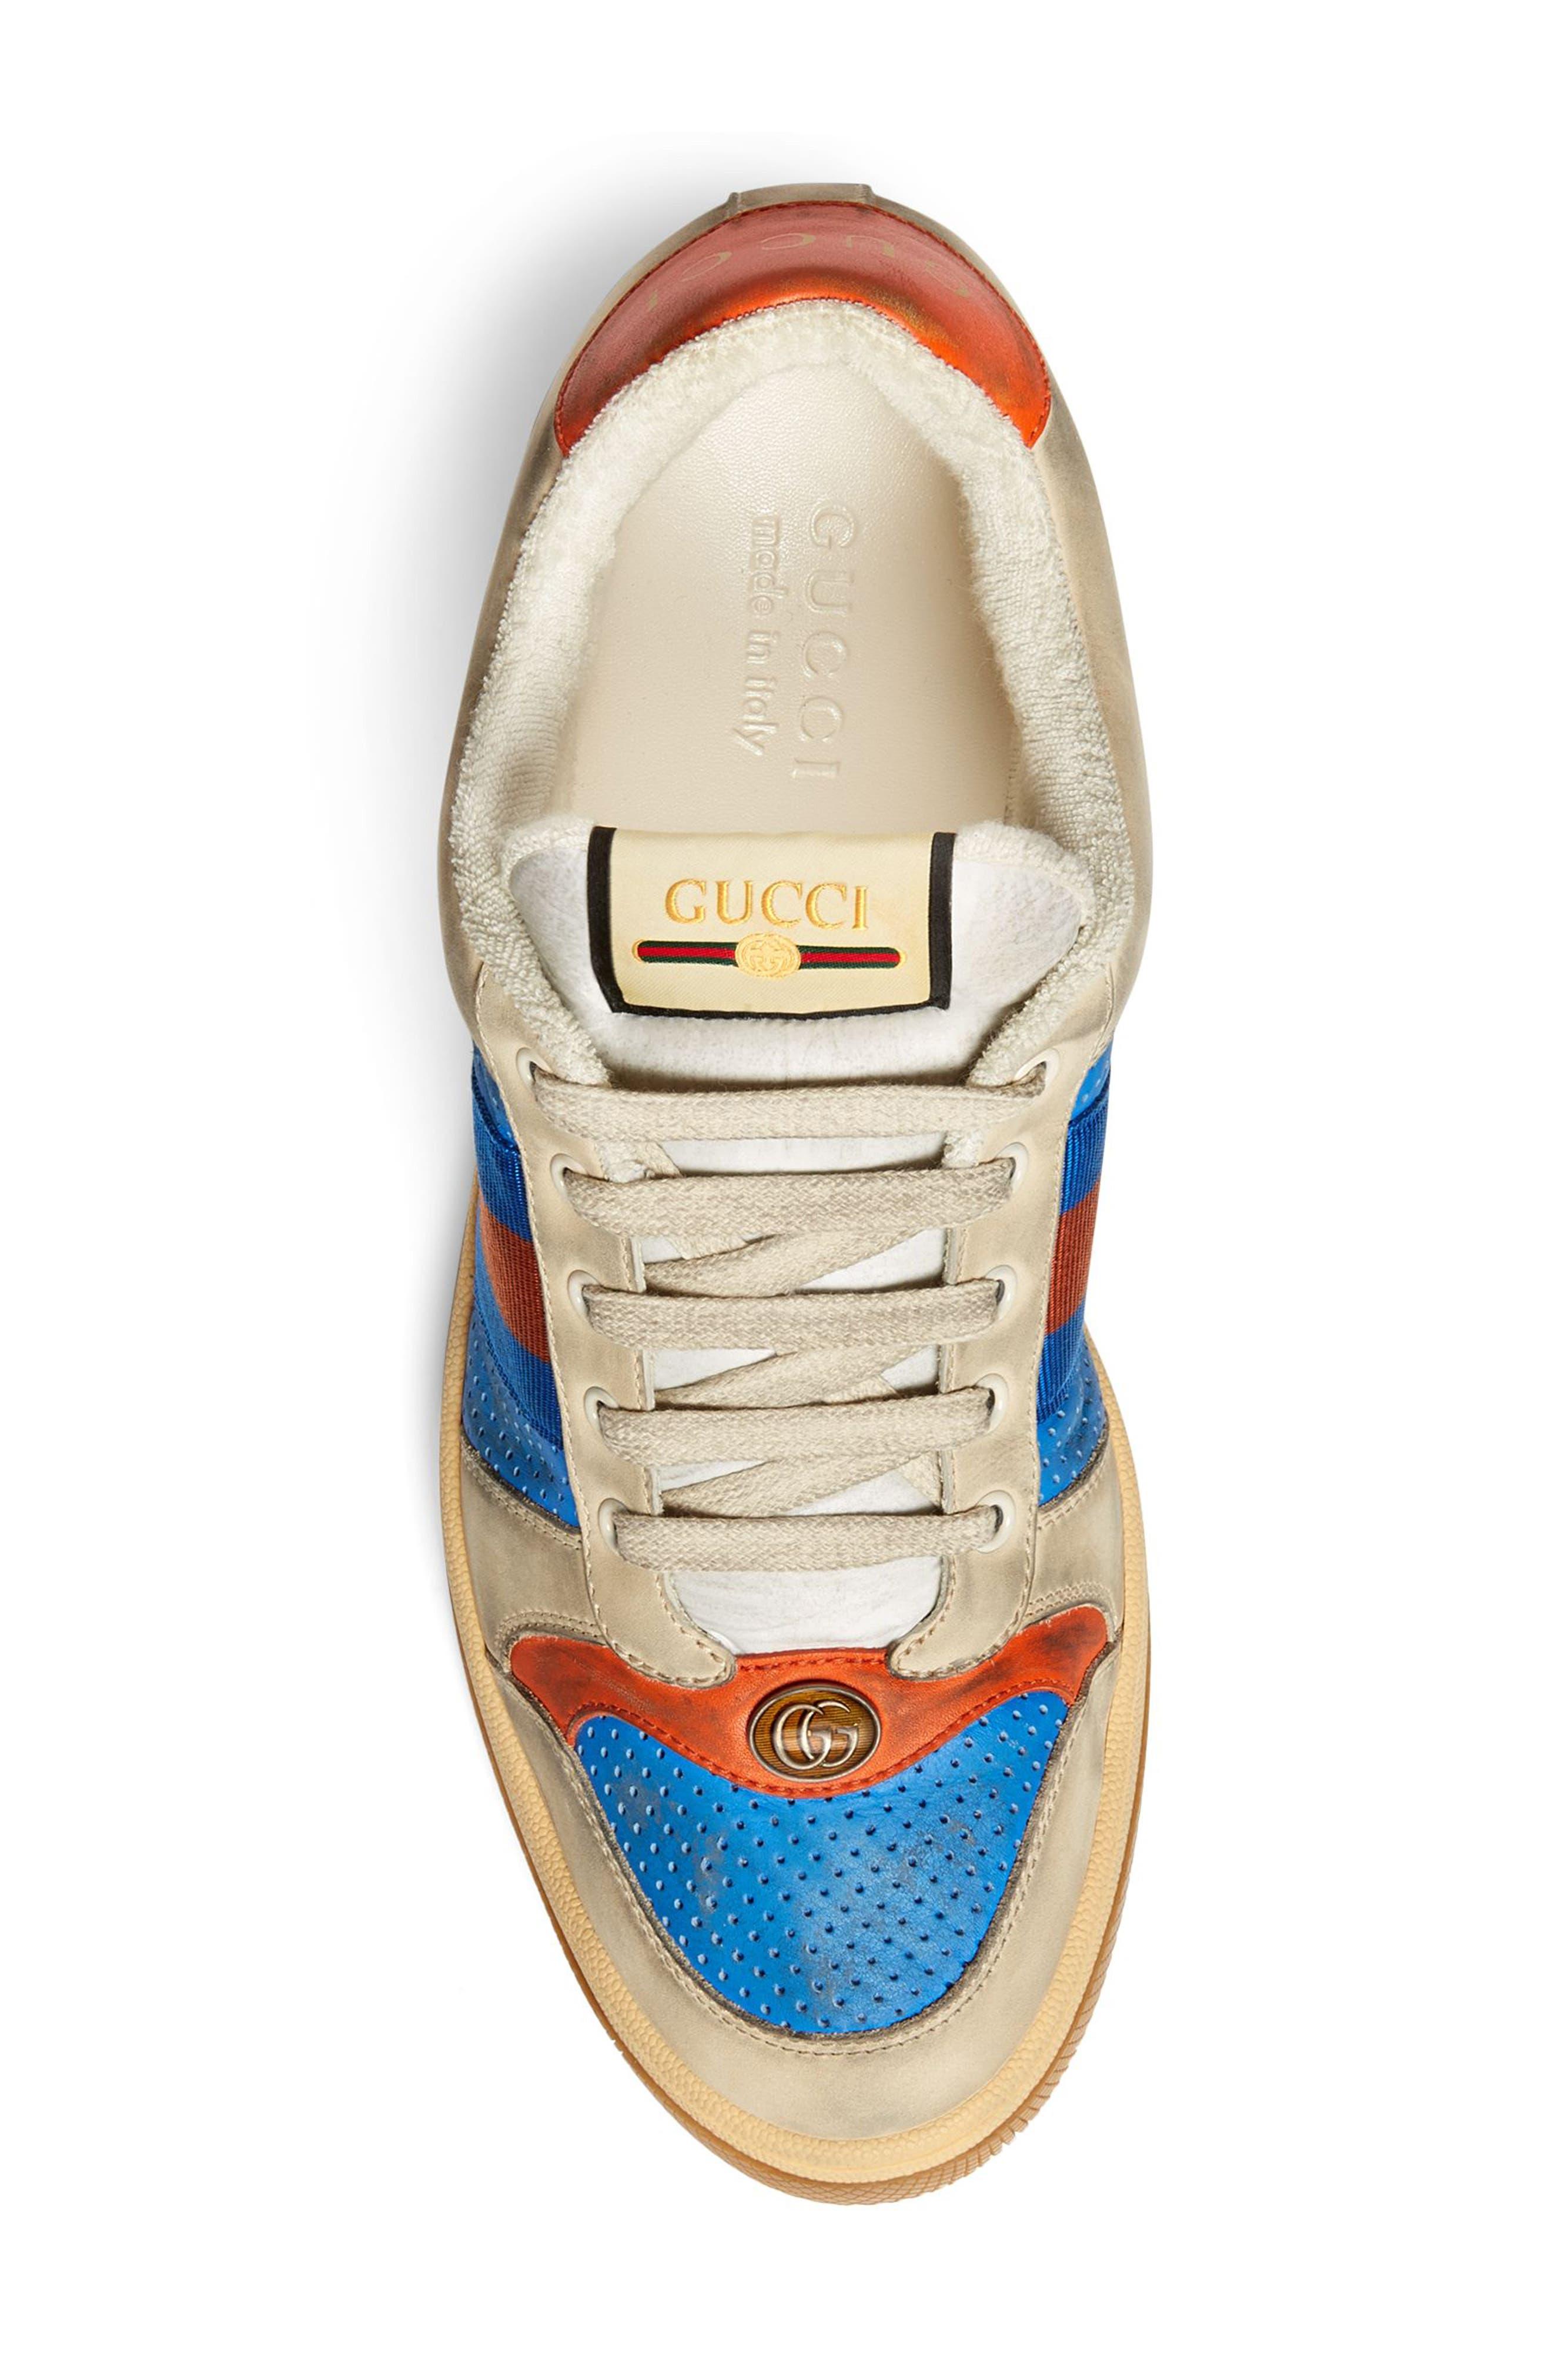 GUCCI, Screener Low Top Sneaker, Alternate thumbnail 3, color, BLUE/ CAMEL